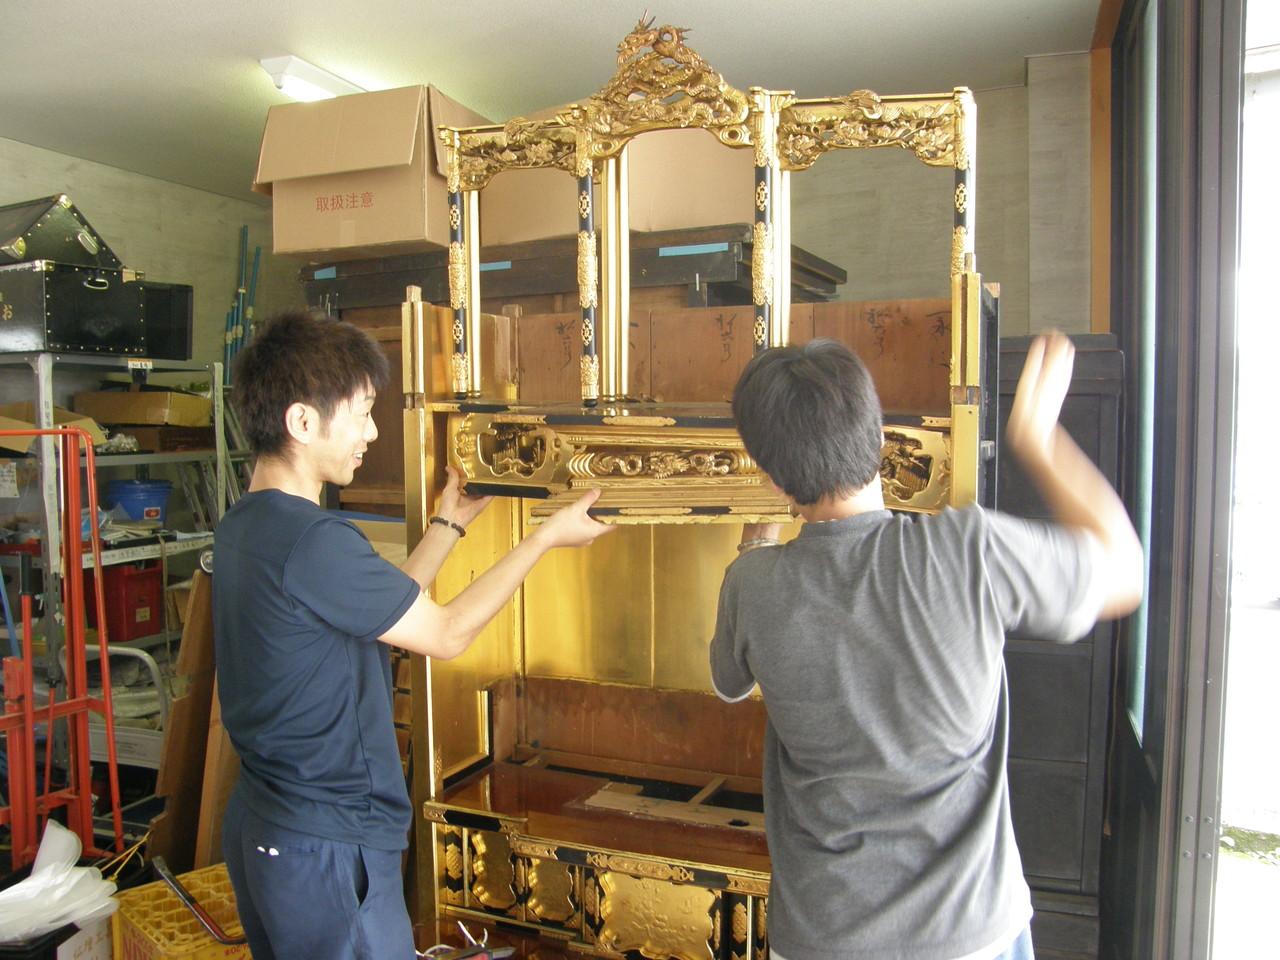 須彌壇や小柱も上へ抜き取る。